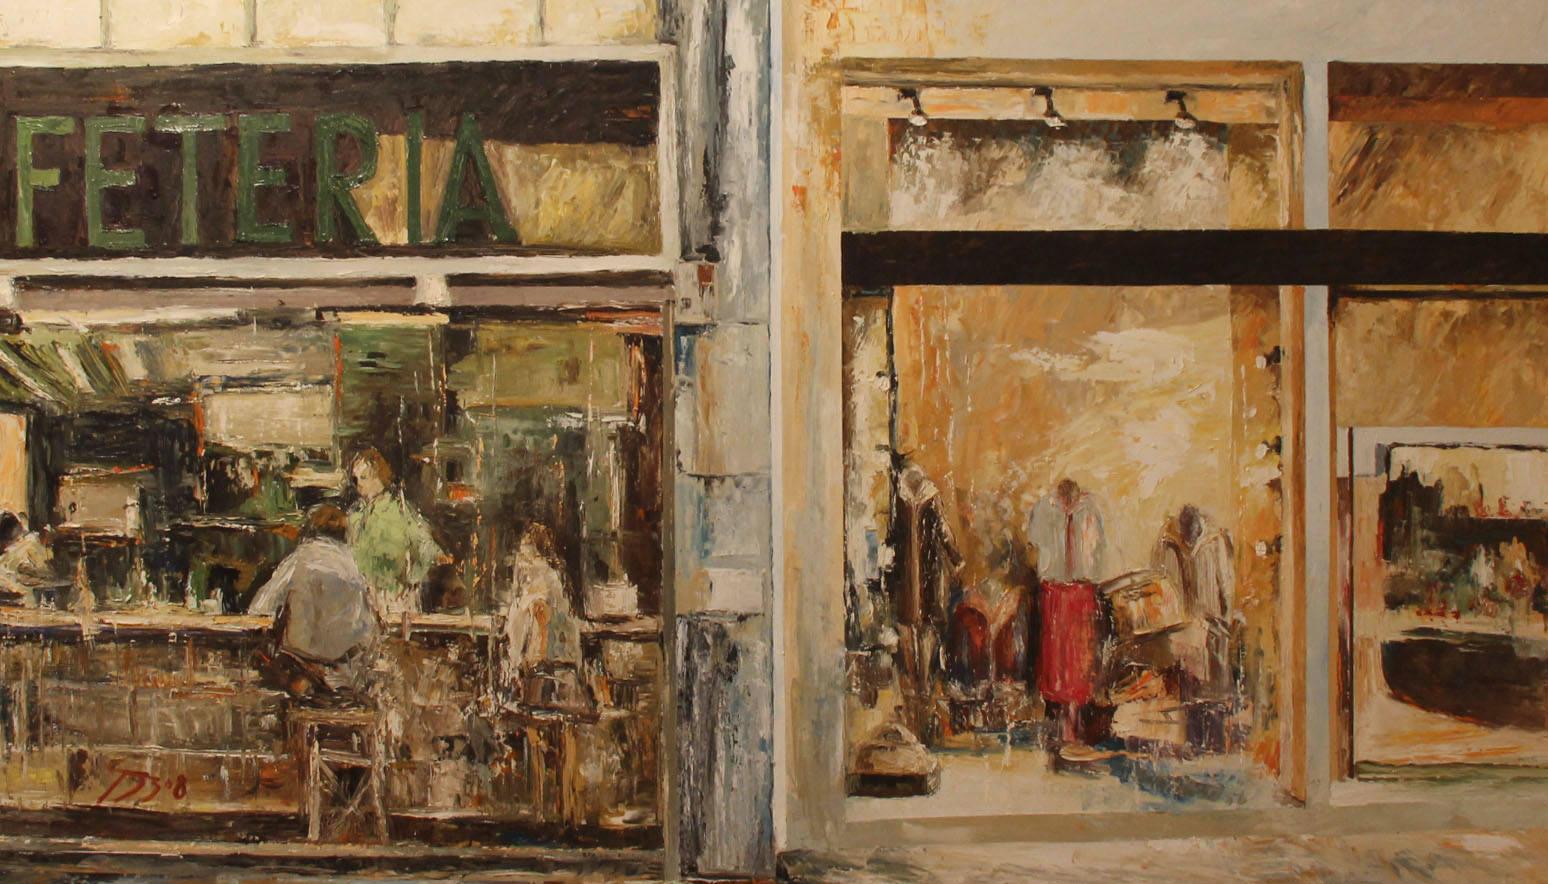 'Paisajes urbanos', de Antonio Gázquez, en el Palacio de las Cigüeñas